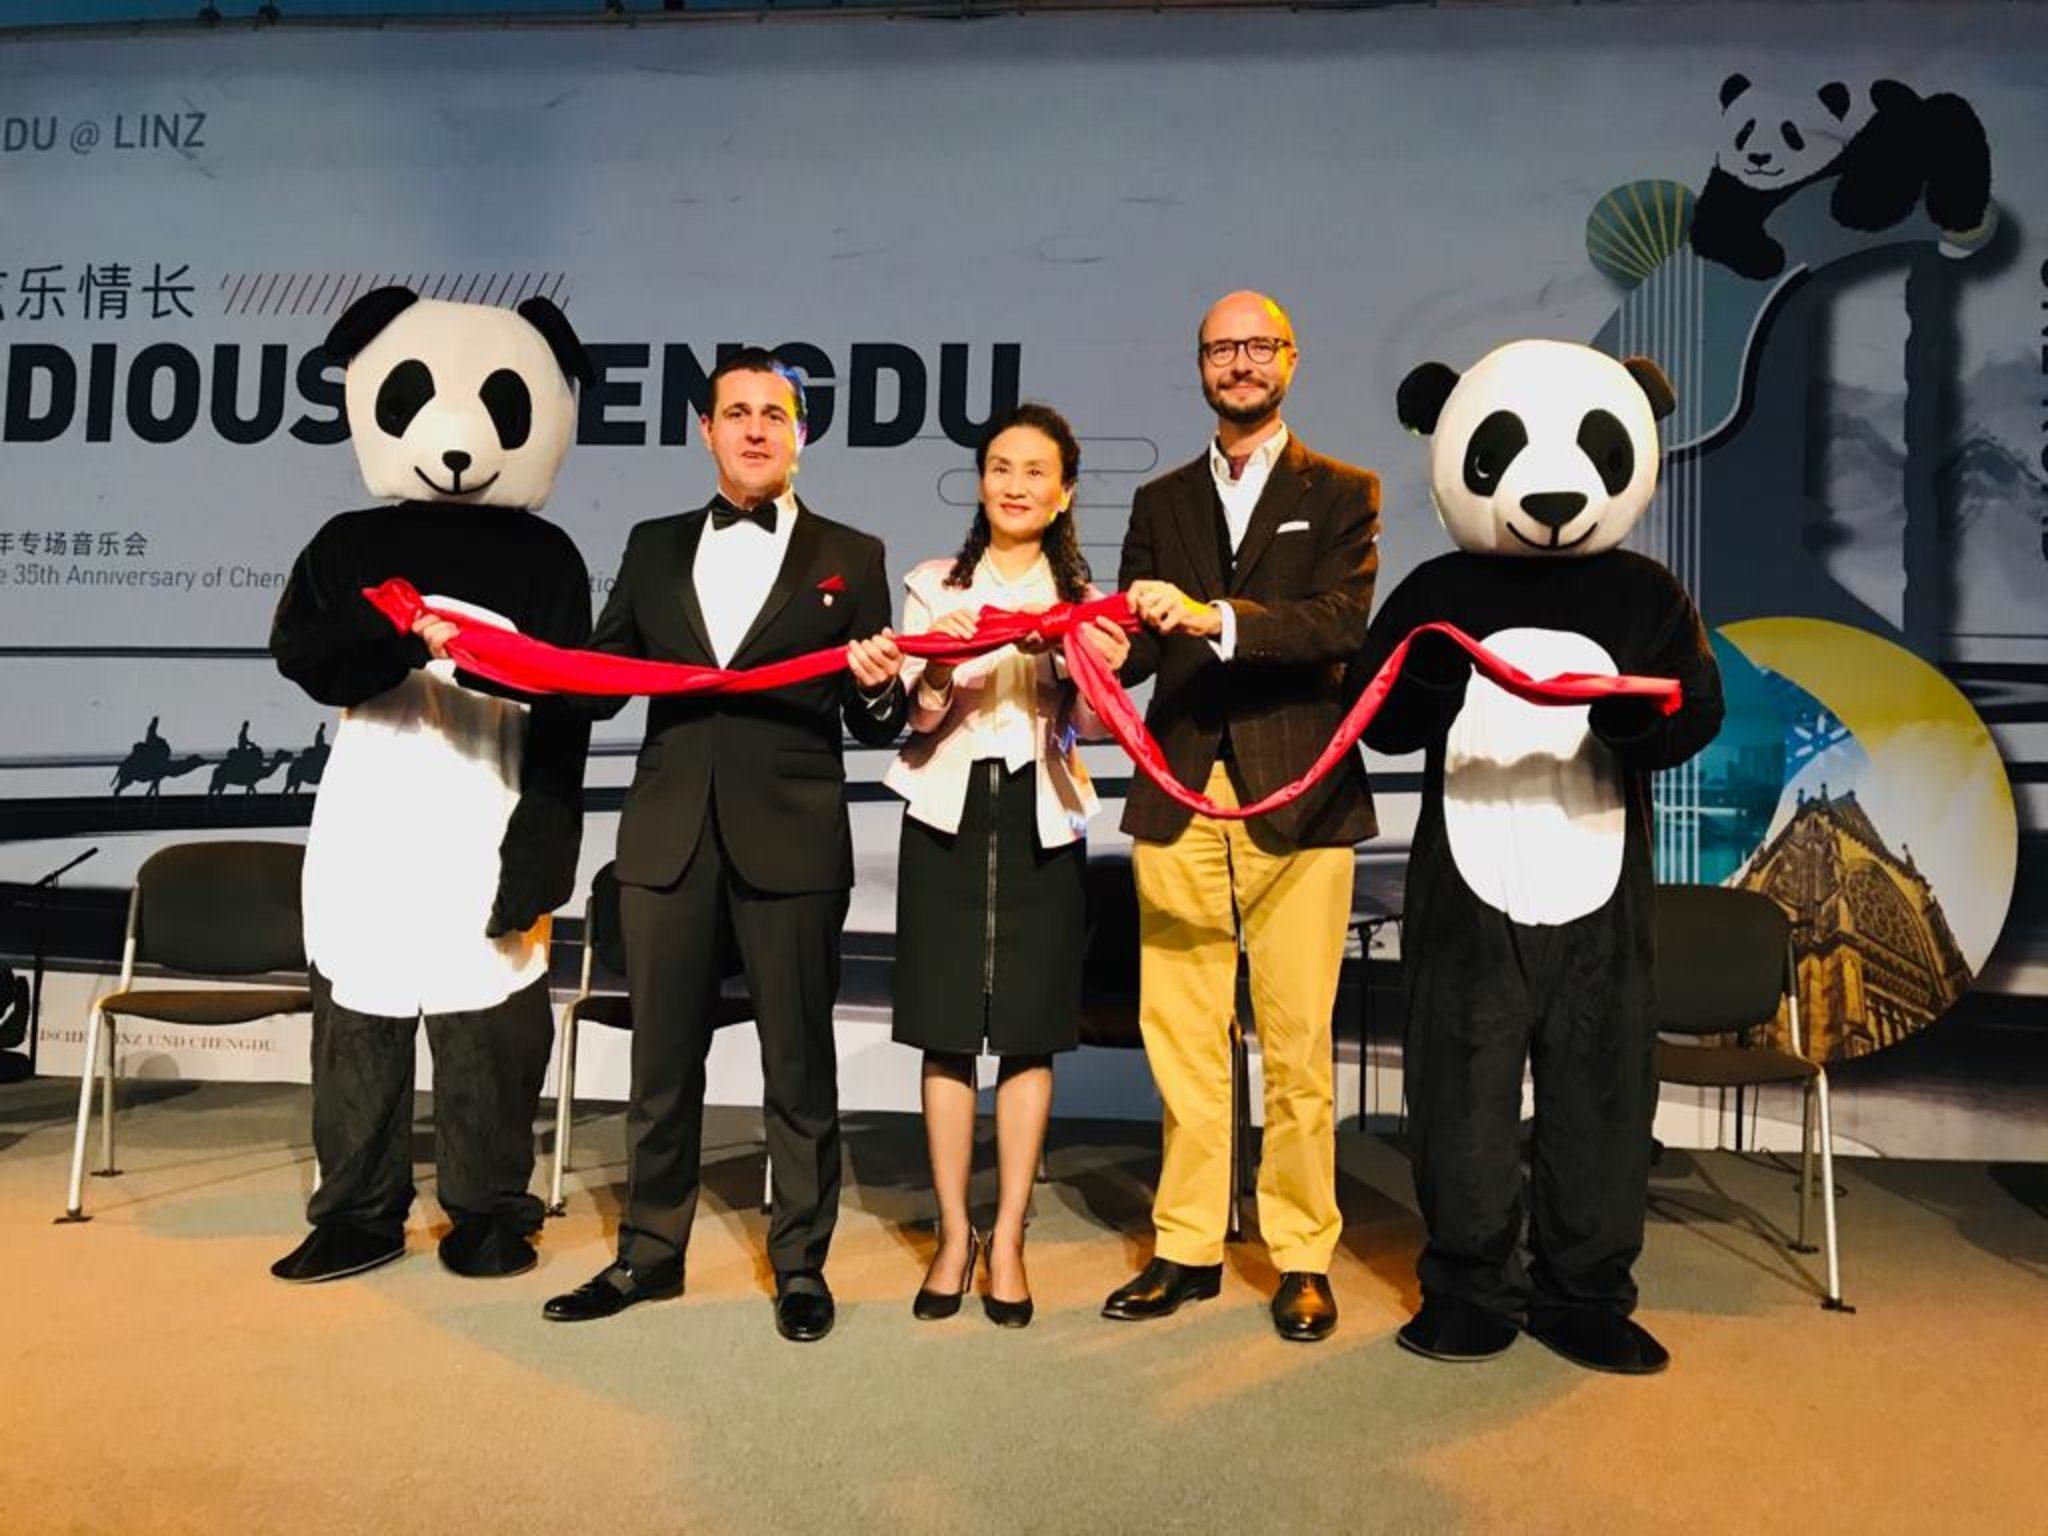 Story der Woche: Linzer Partnerstädte in aller Welt